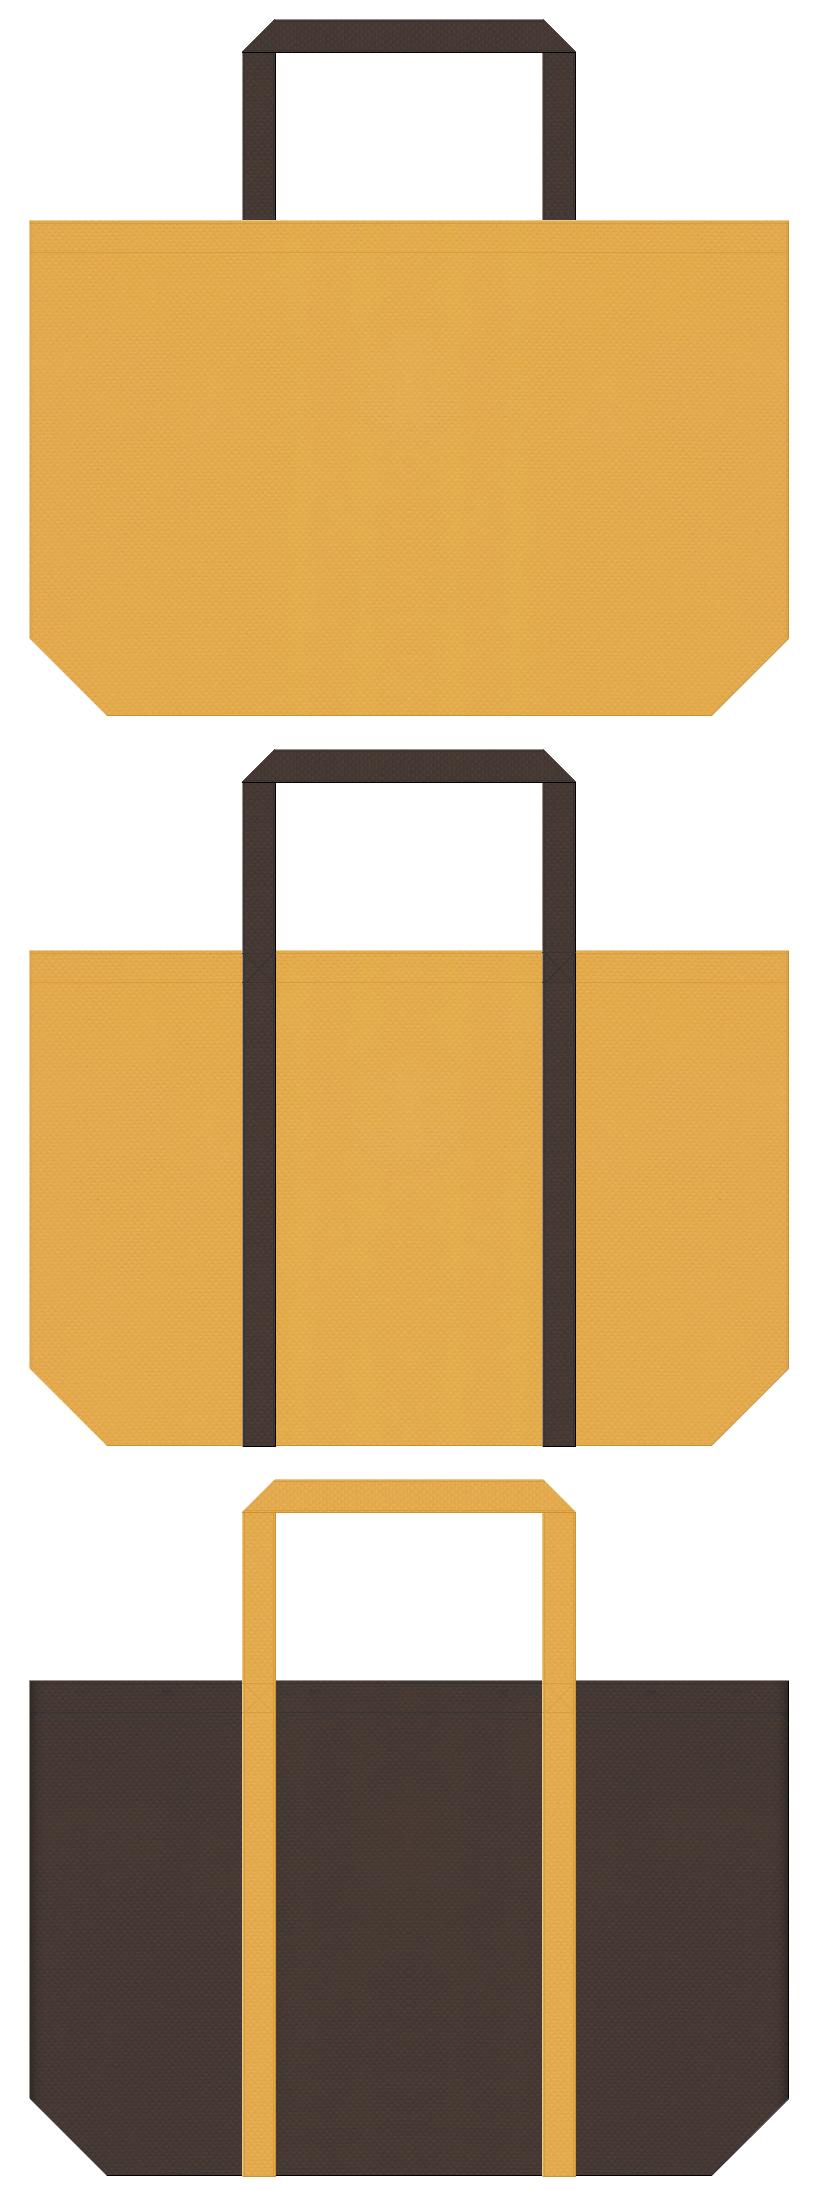 黄土色とこげ茶色の不織布バッグデザイン。チョコドーナツ・ウィスキー・西部劇・乗馬クラブ等のイメージにお奨めの配色です。